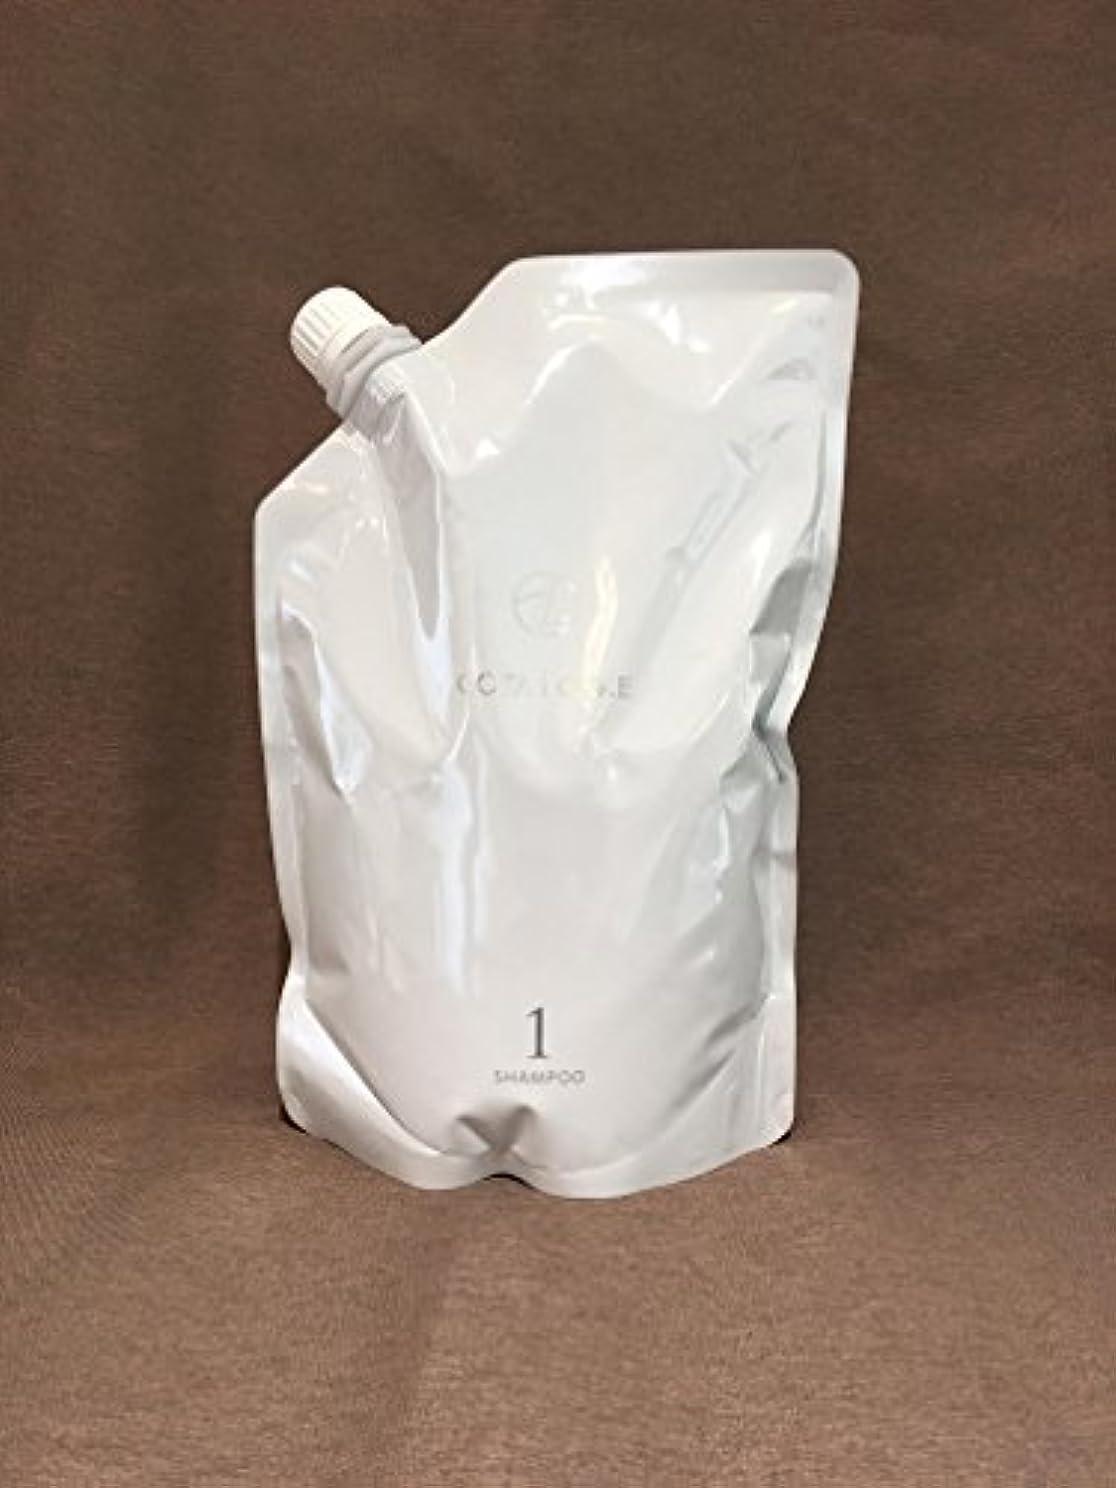 ヘッジ変化するガラスコタ アイケア COTA i CARE シャンプー1 750ml レフィル